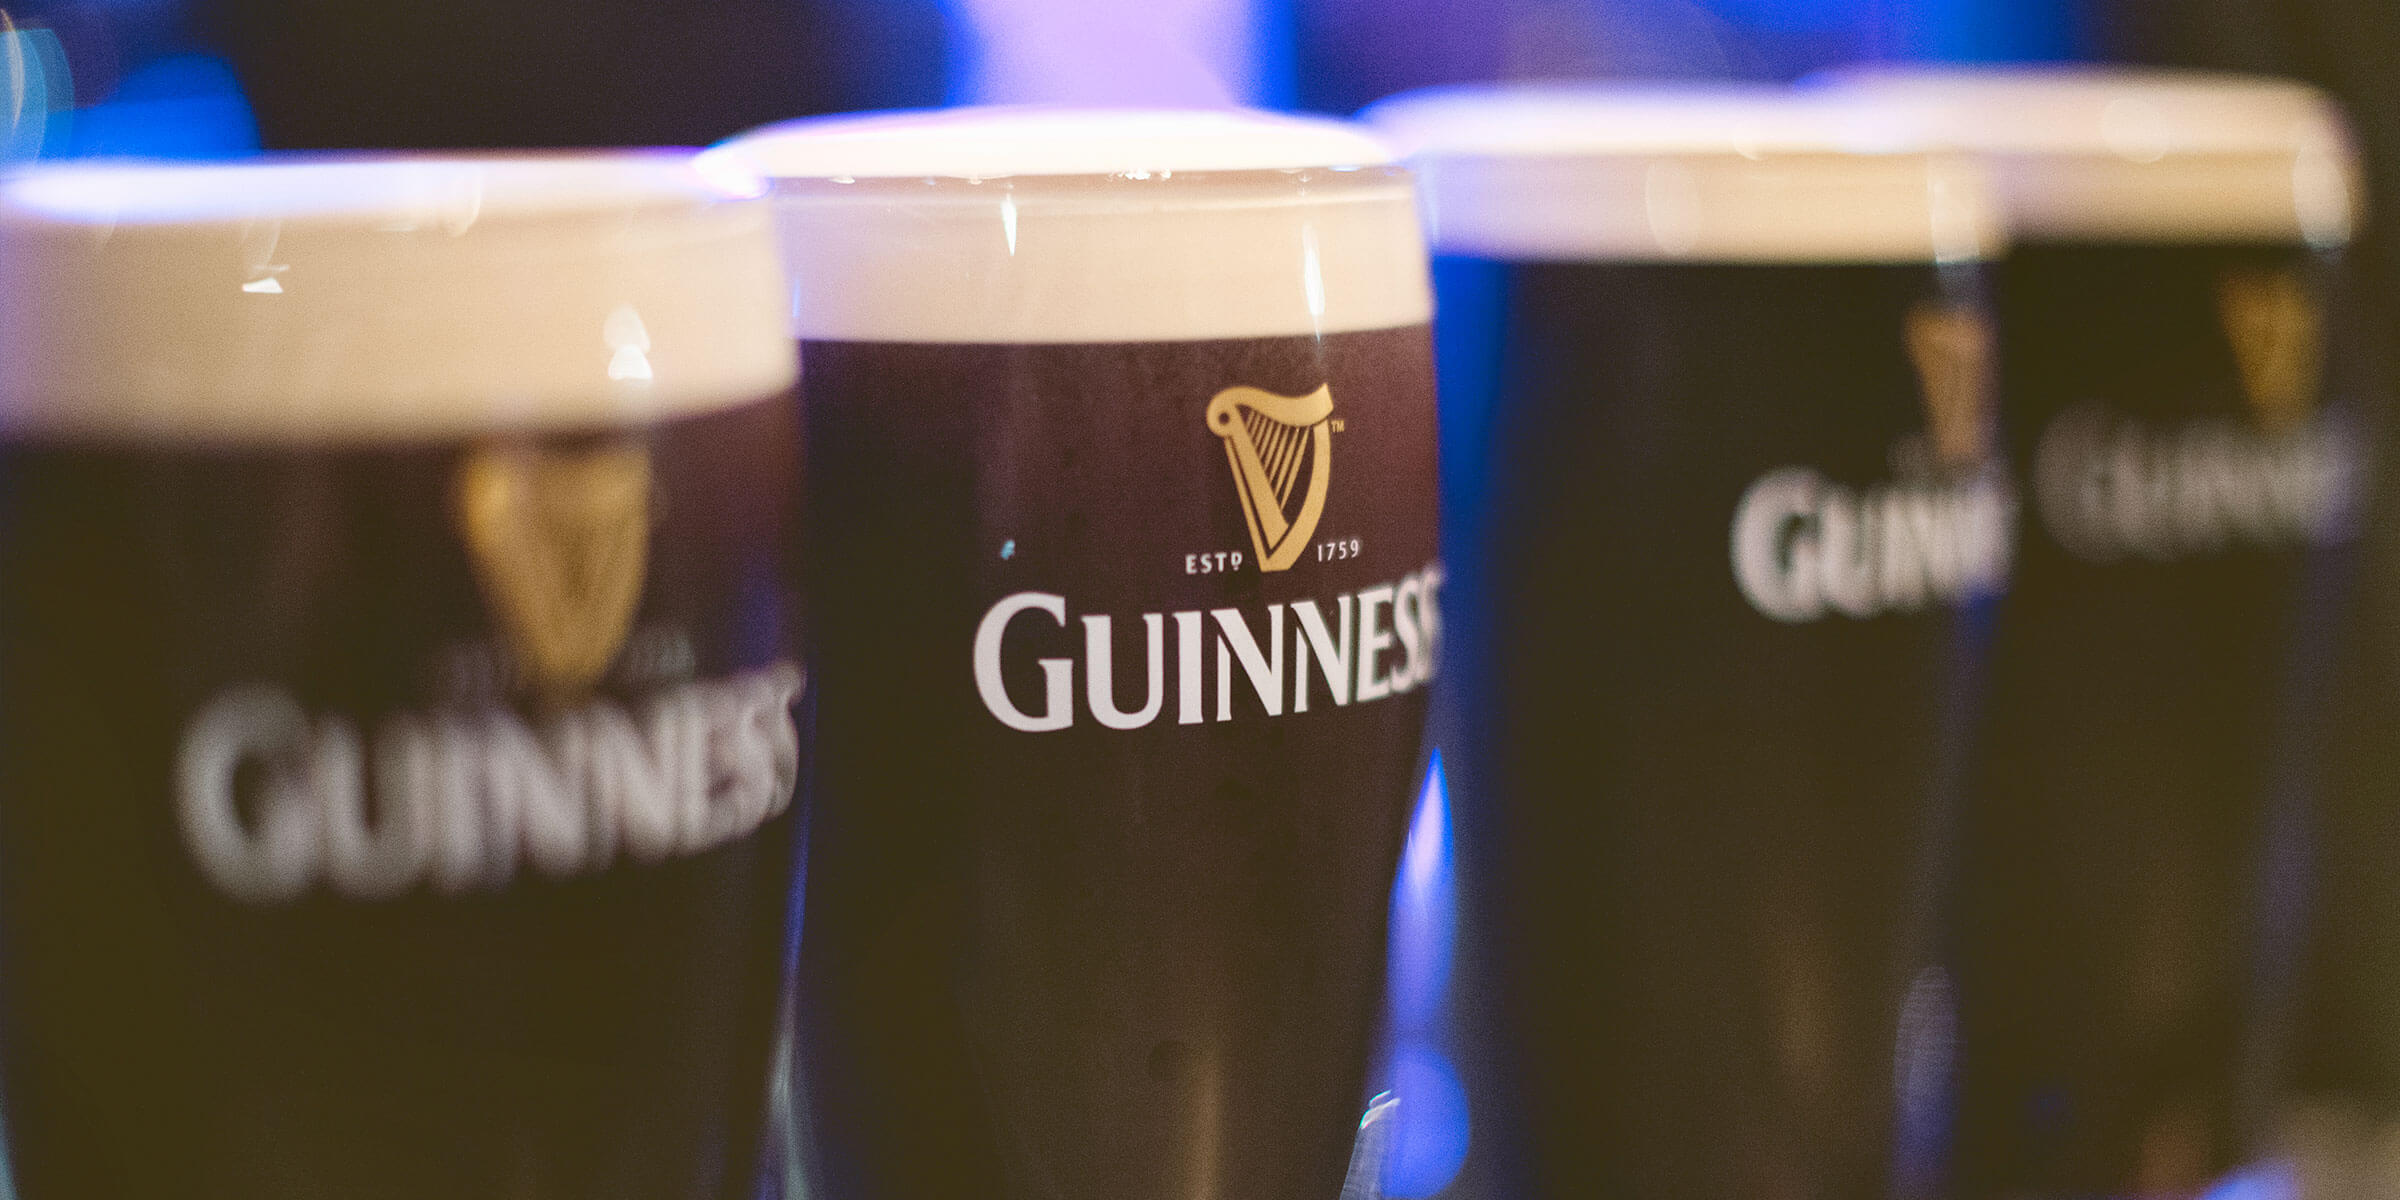 Pints of Guinness Draught in Guinness branded glasses